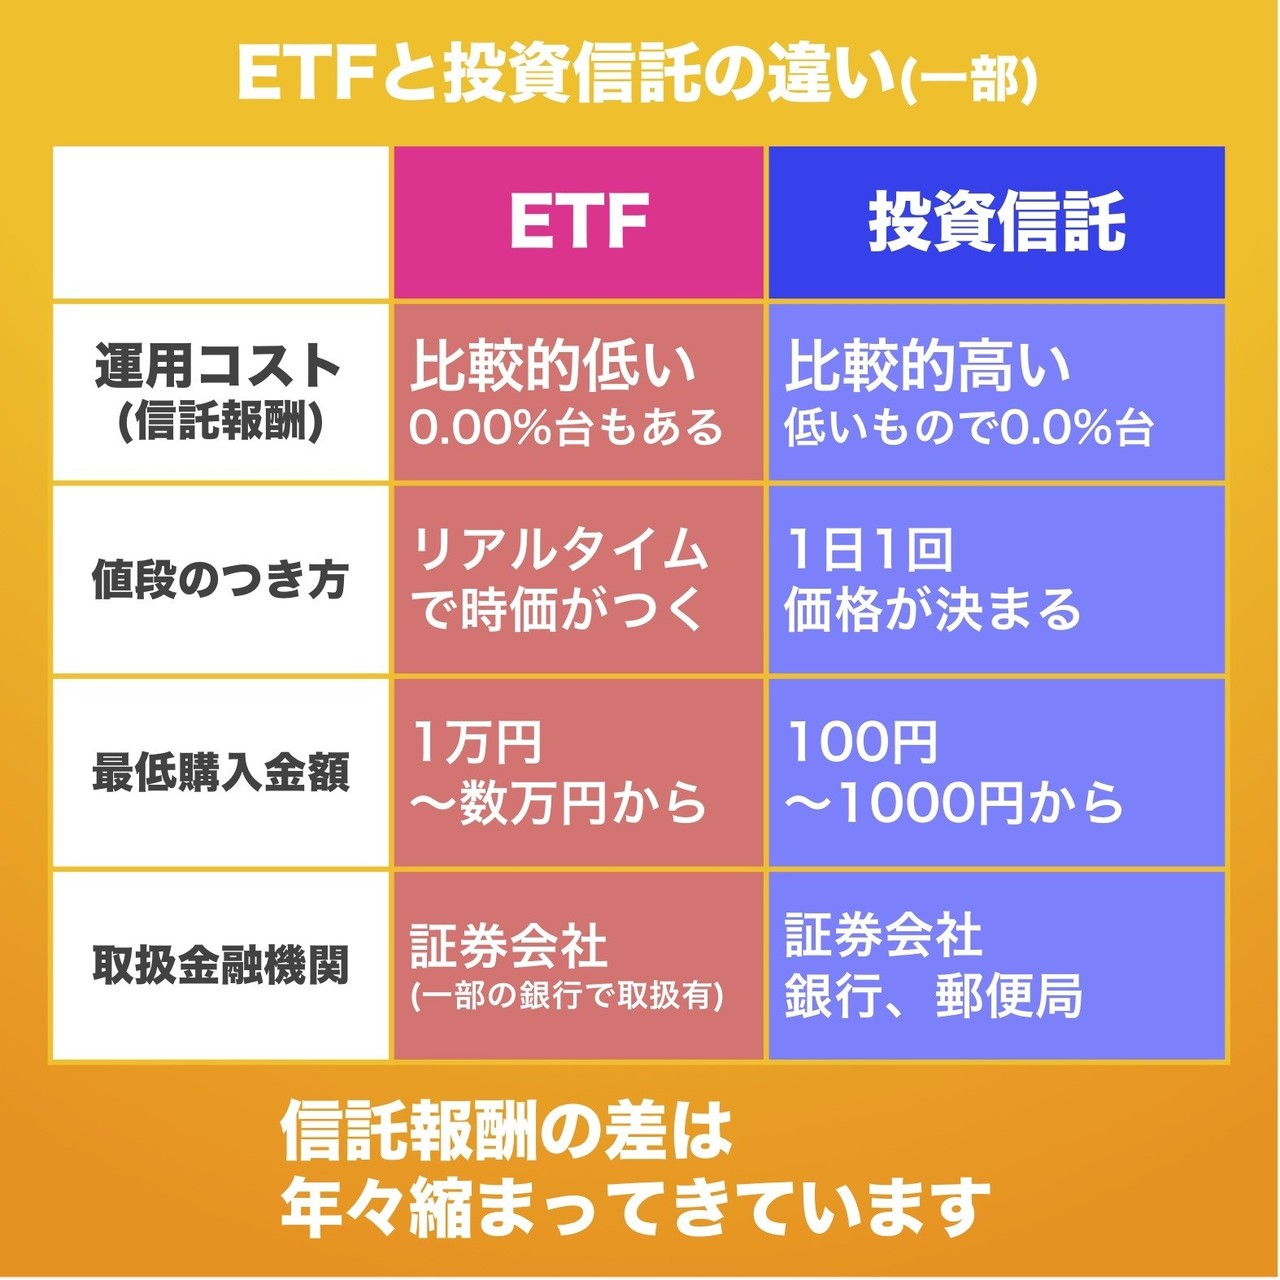 違い 信託 etf 投資